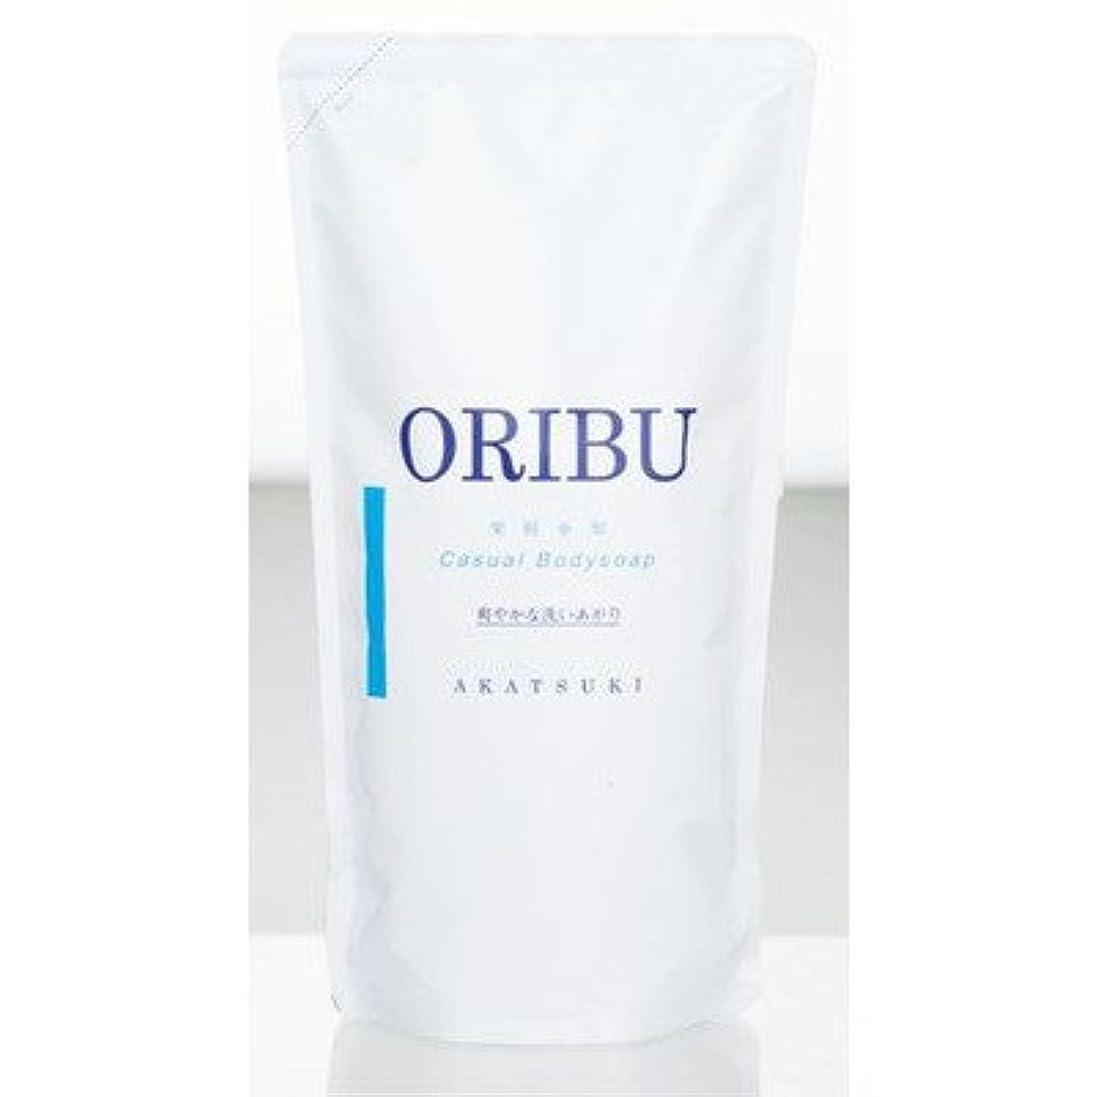 目を覚ます見る人いつか暁石鹸 ORIBU オリブ 果樹亜瑠 カジュアル ボディソープ 詰替用 700ml